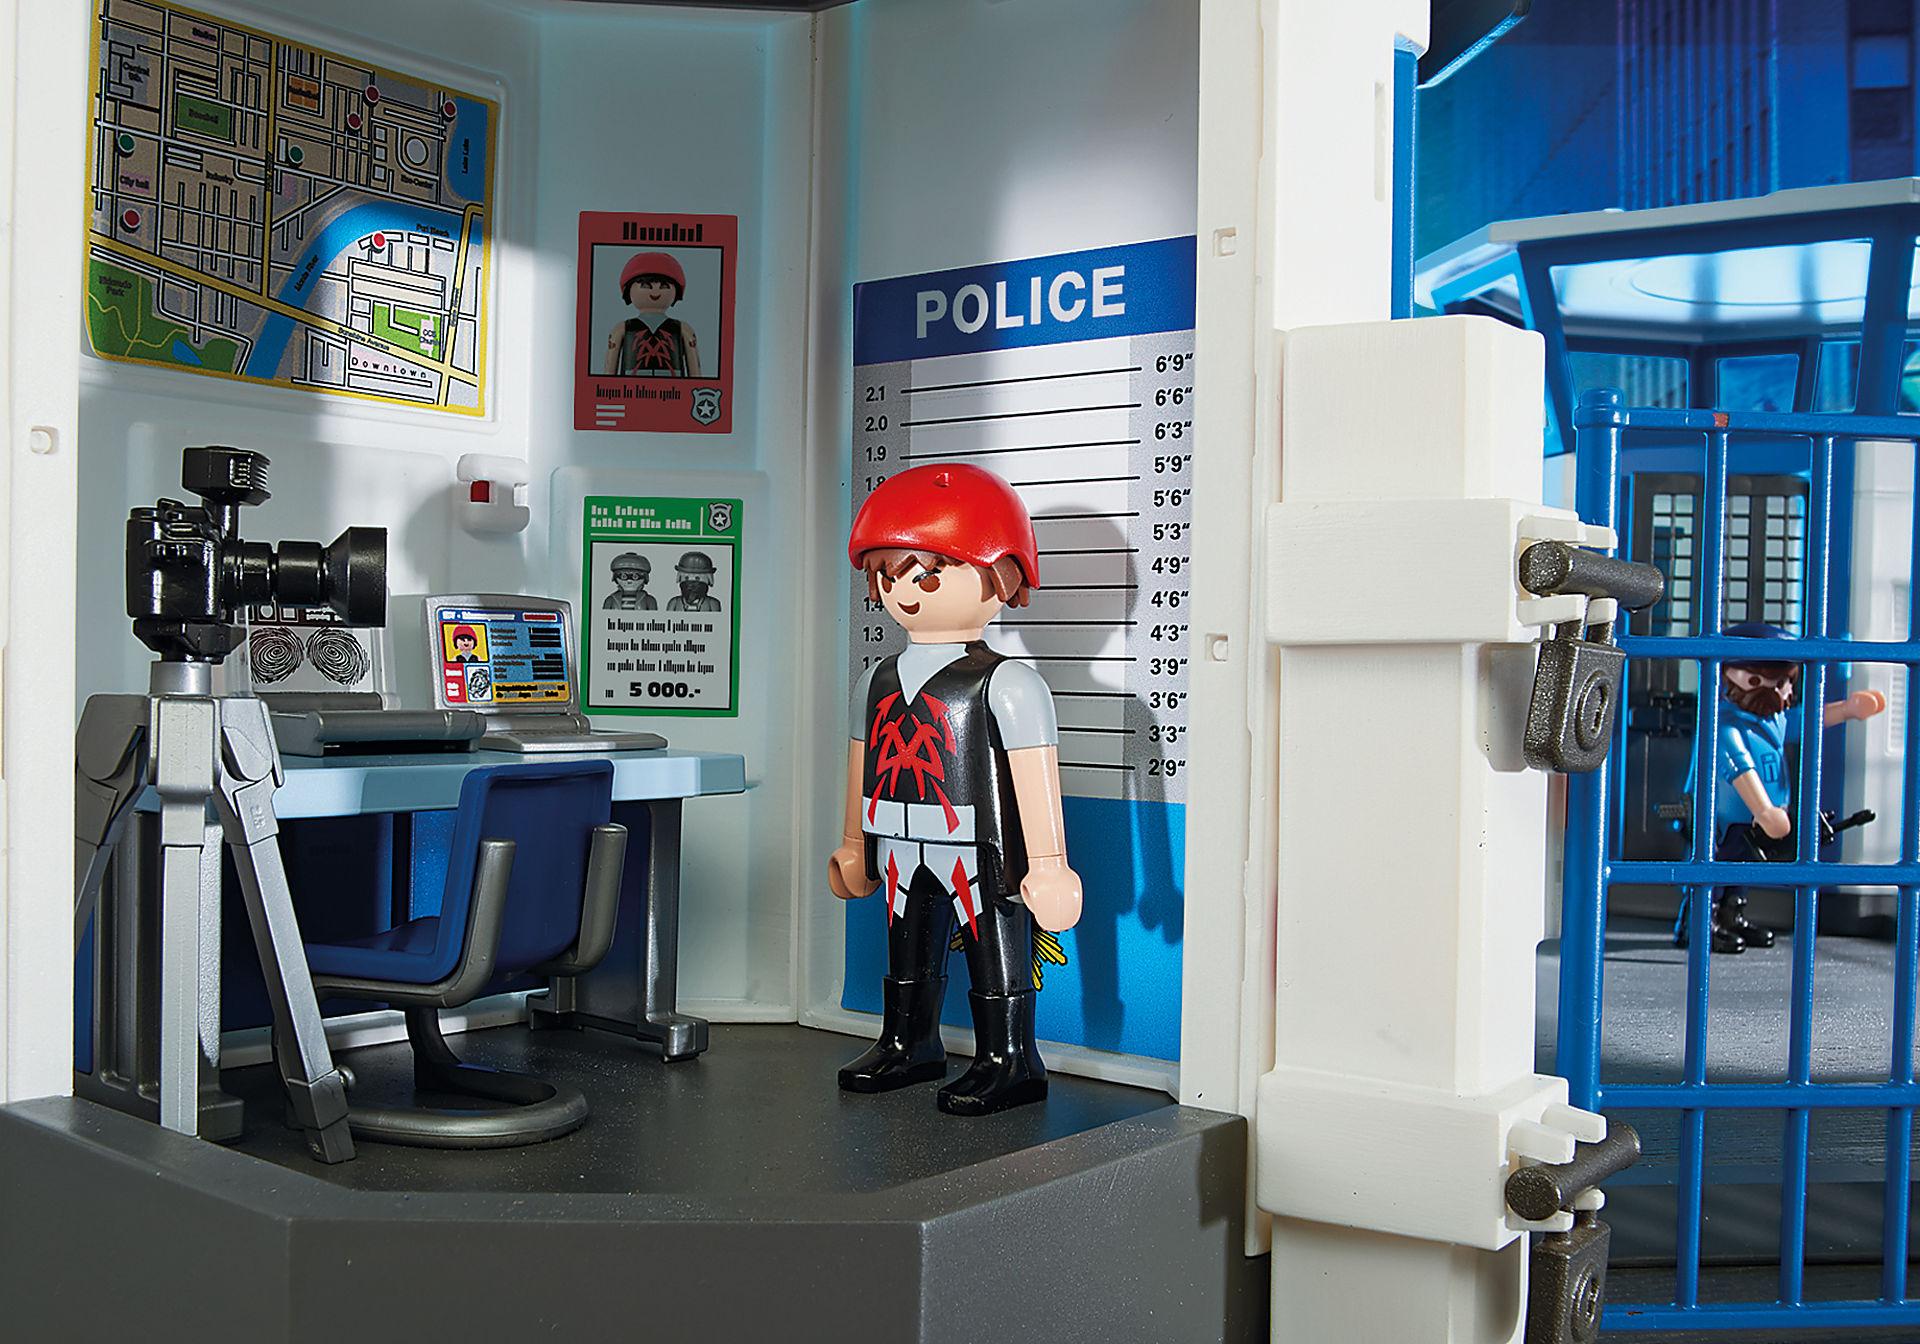 6872 Polizei-Kommandozentrale mit Gefängnis zoom image5